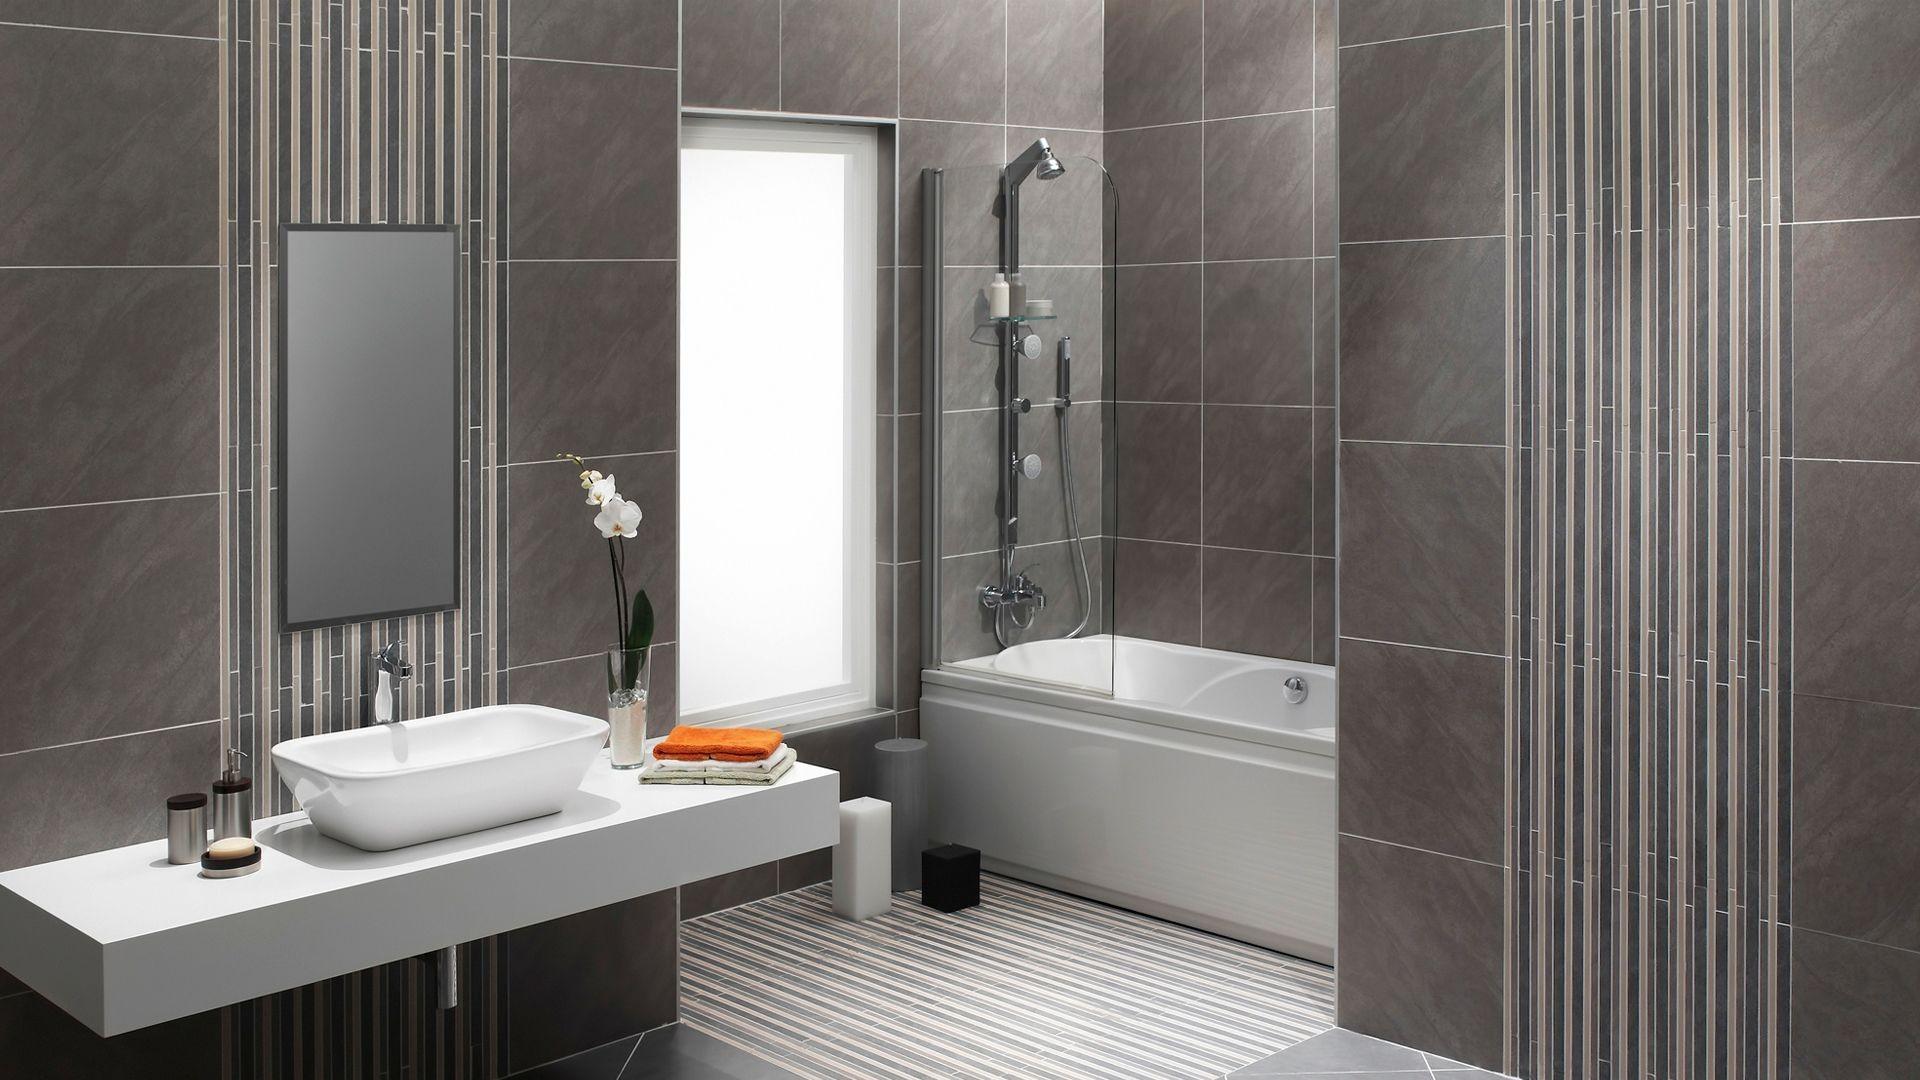 Empresa de reformas integrales de cuartos de baño en Burriana